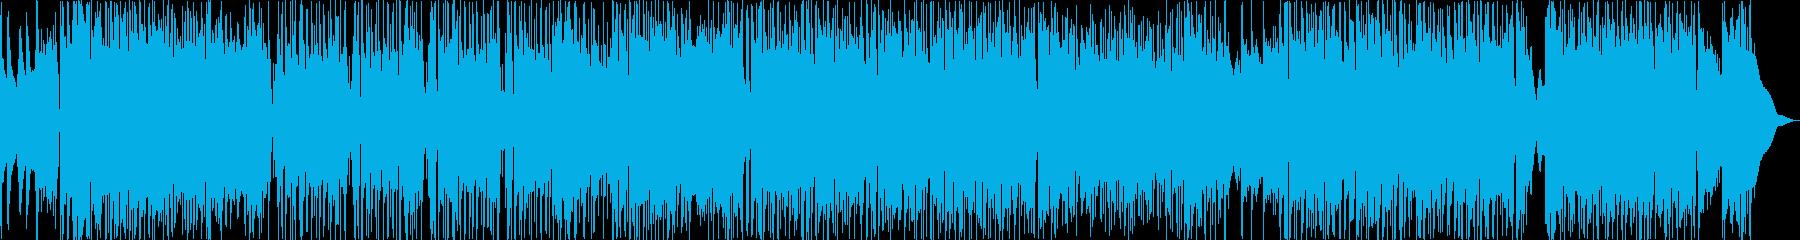 ブラス主体、バンド編成のオープニング曲の再生済みの波形